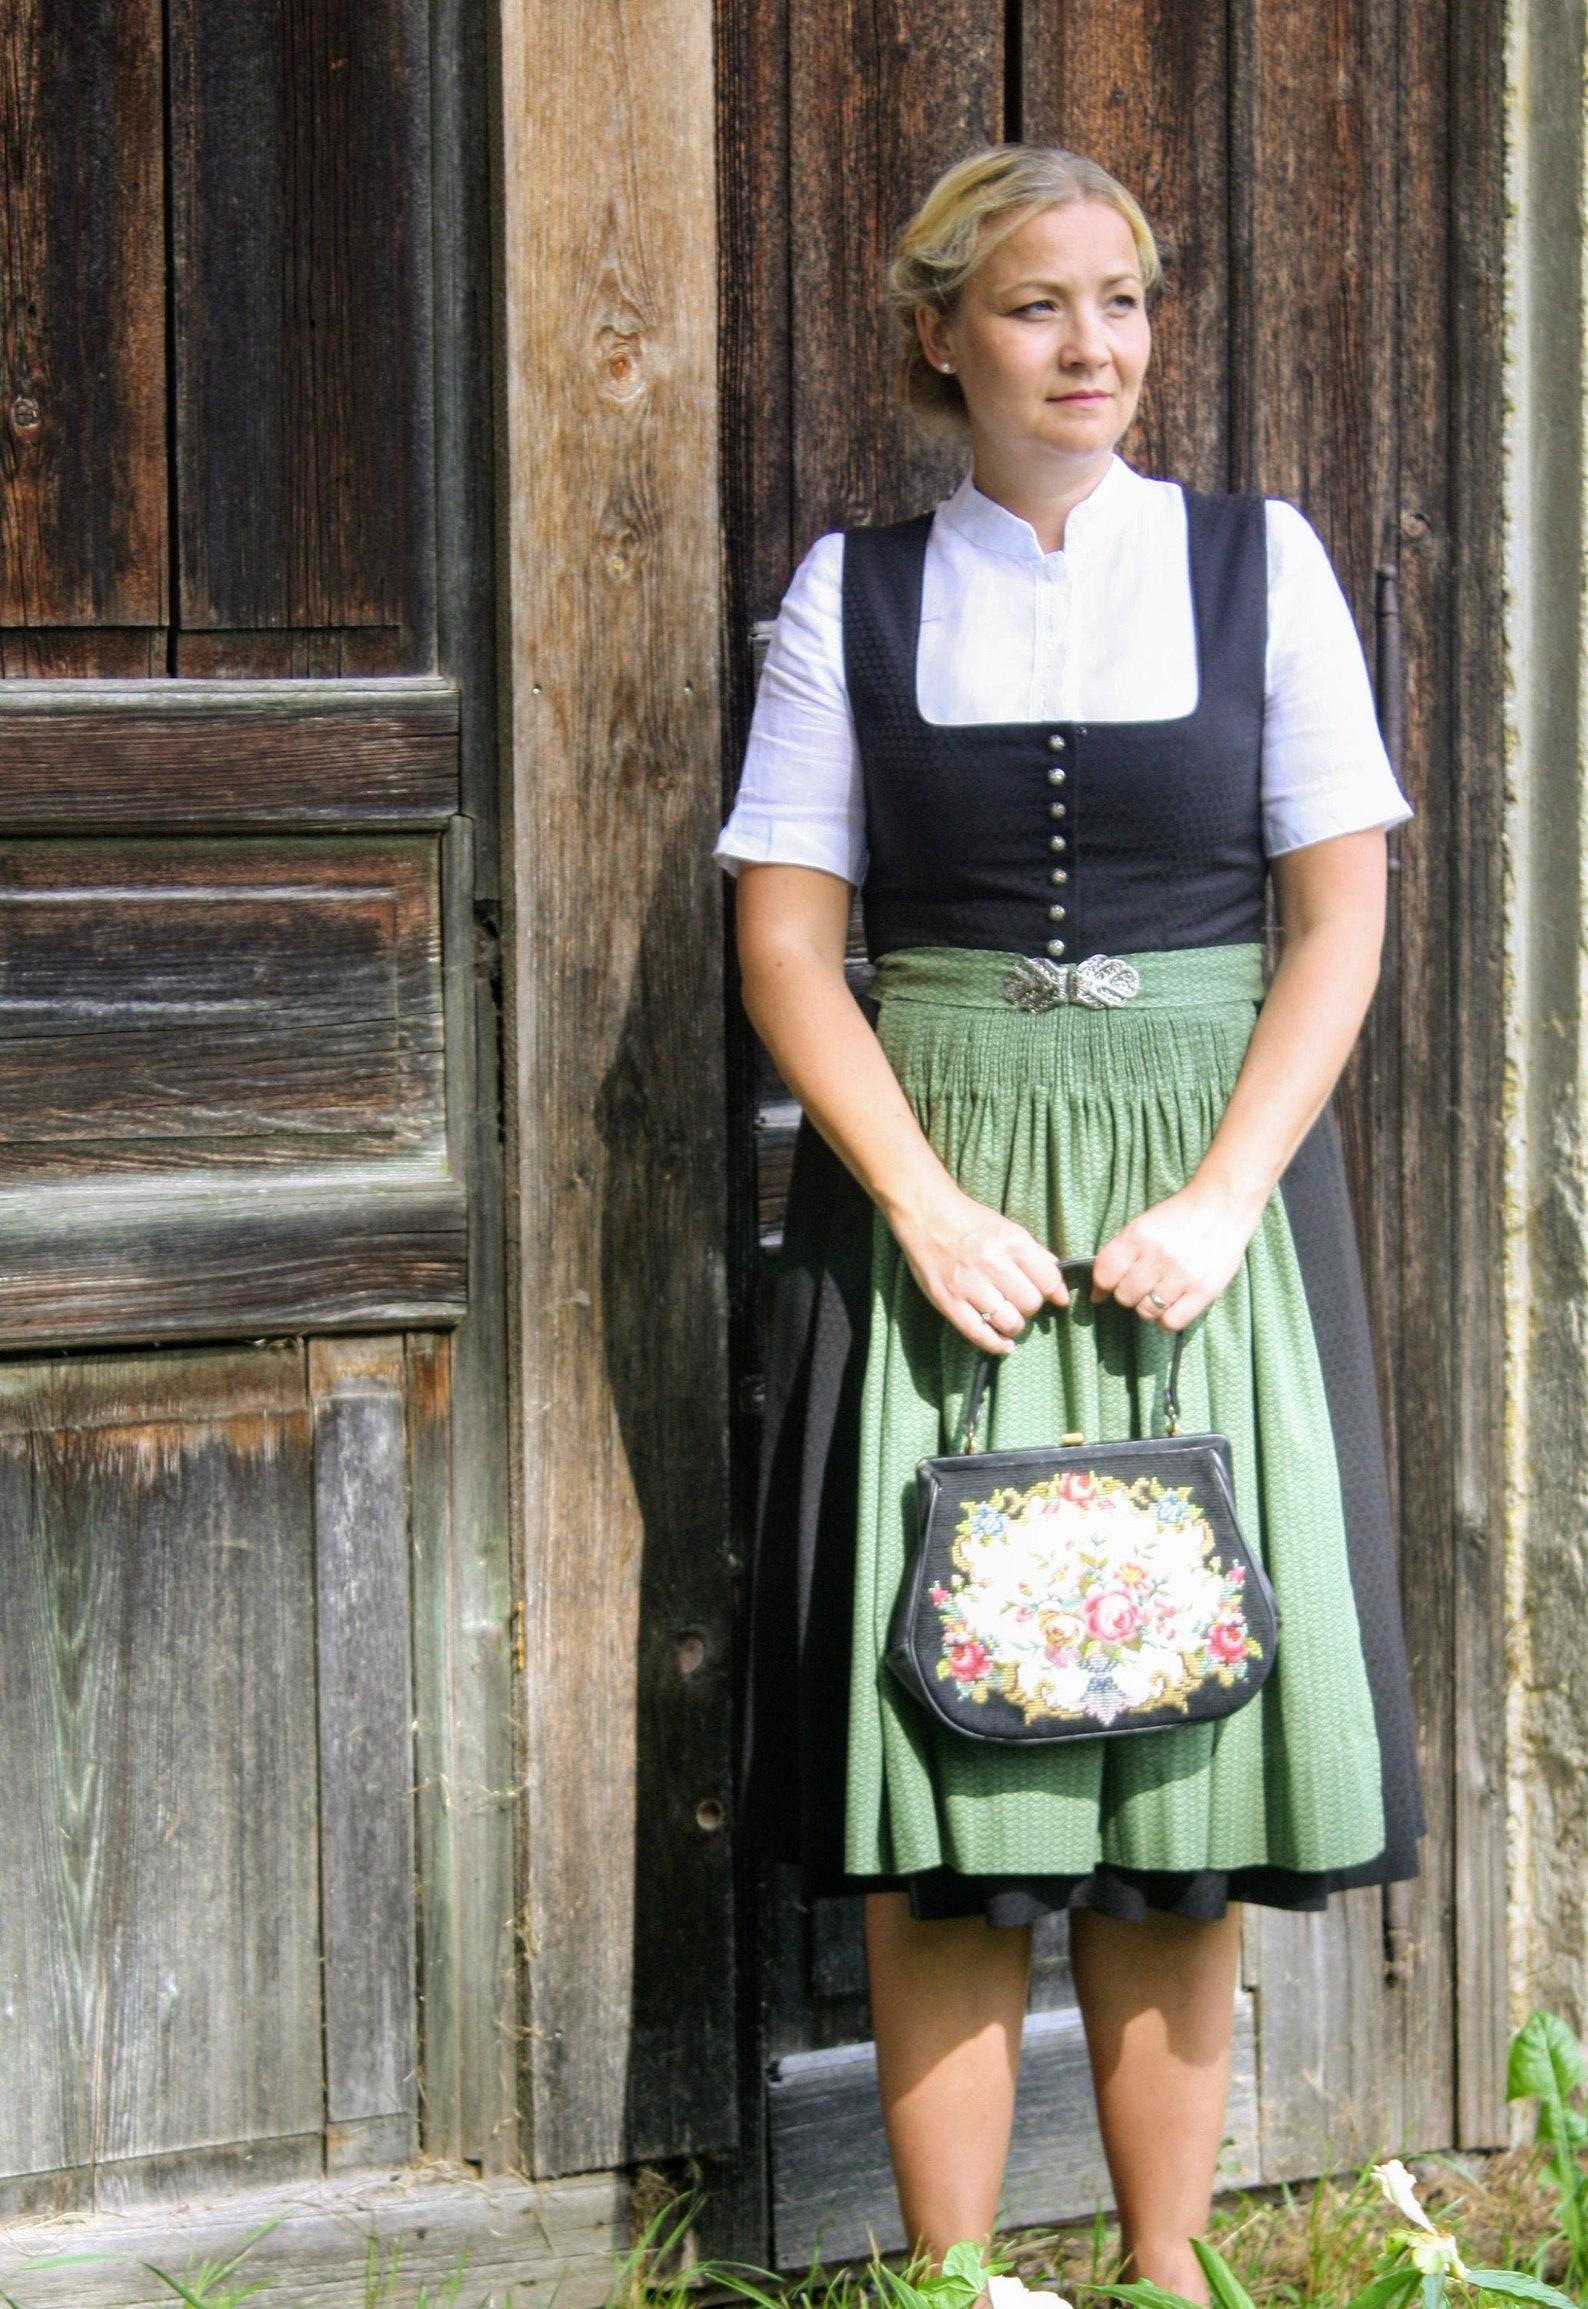 Schnittmuster für Dirndl Conny, Münchner Ausschnitt, geknöpft (34-52)